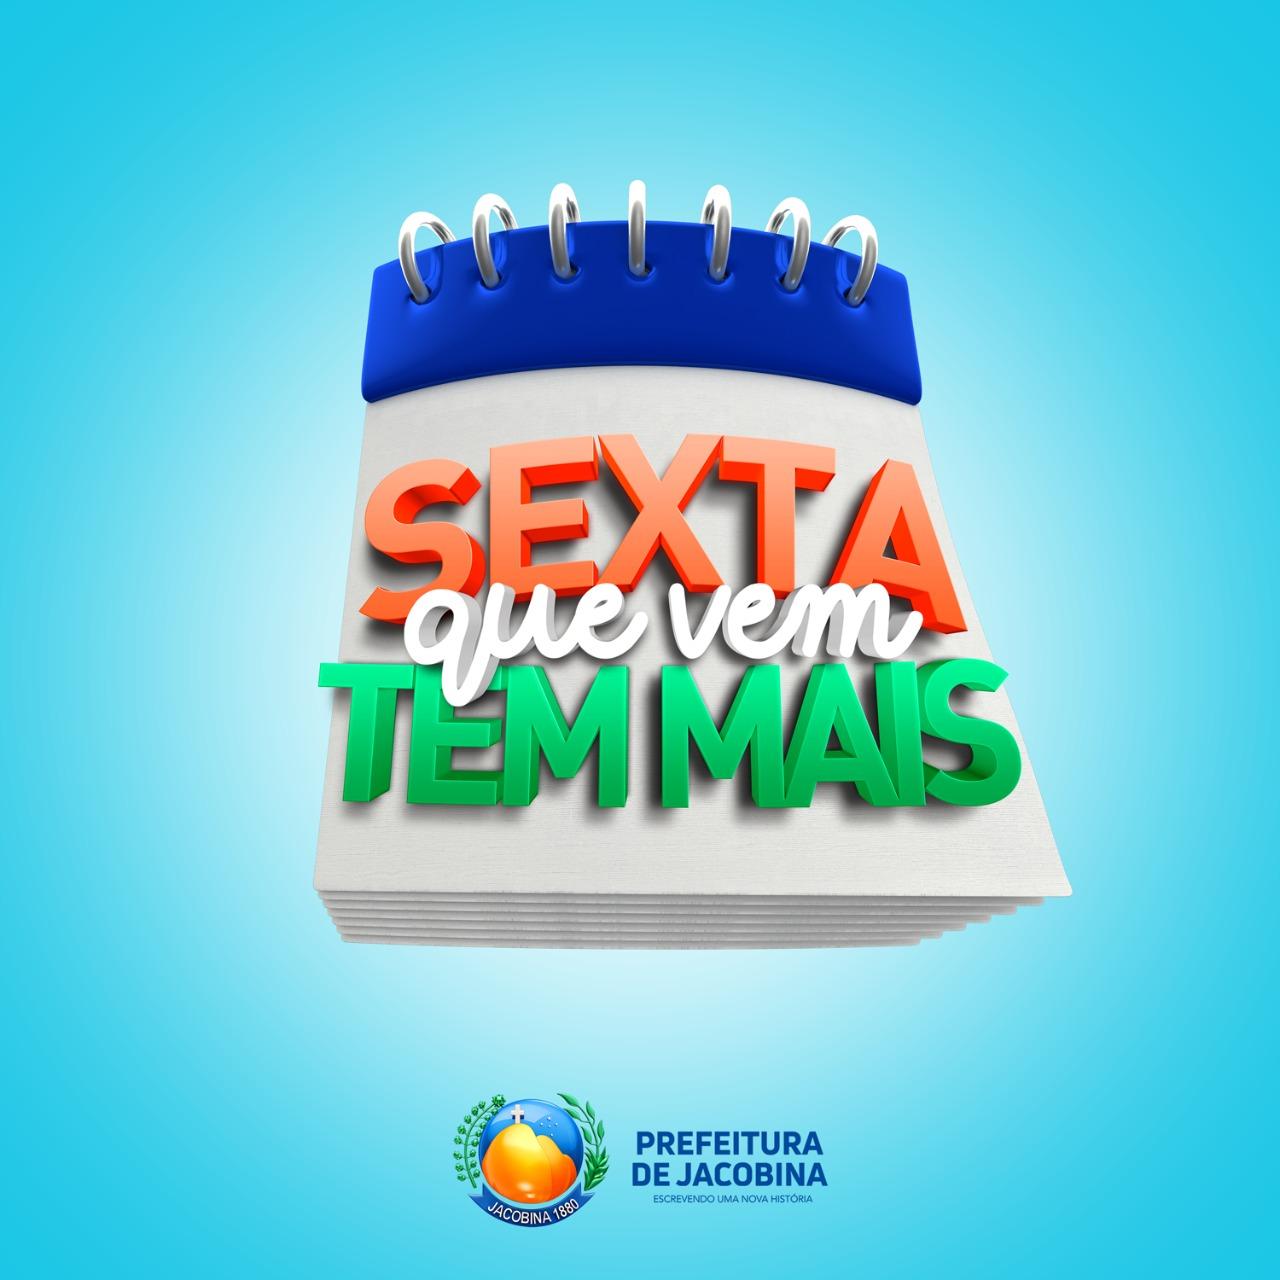 Sexta que vem tem mais: Programa da Prefeitura de Jacobina estará na região do Junco